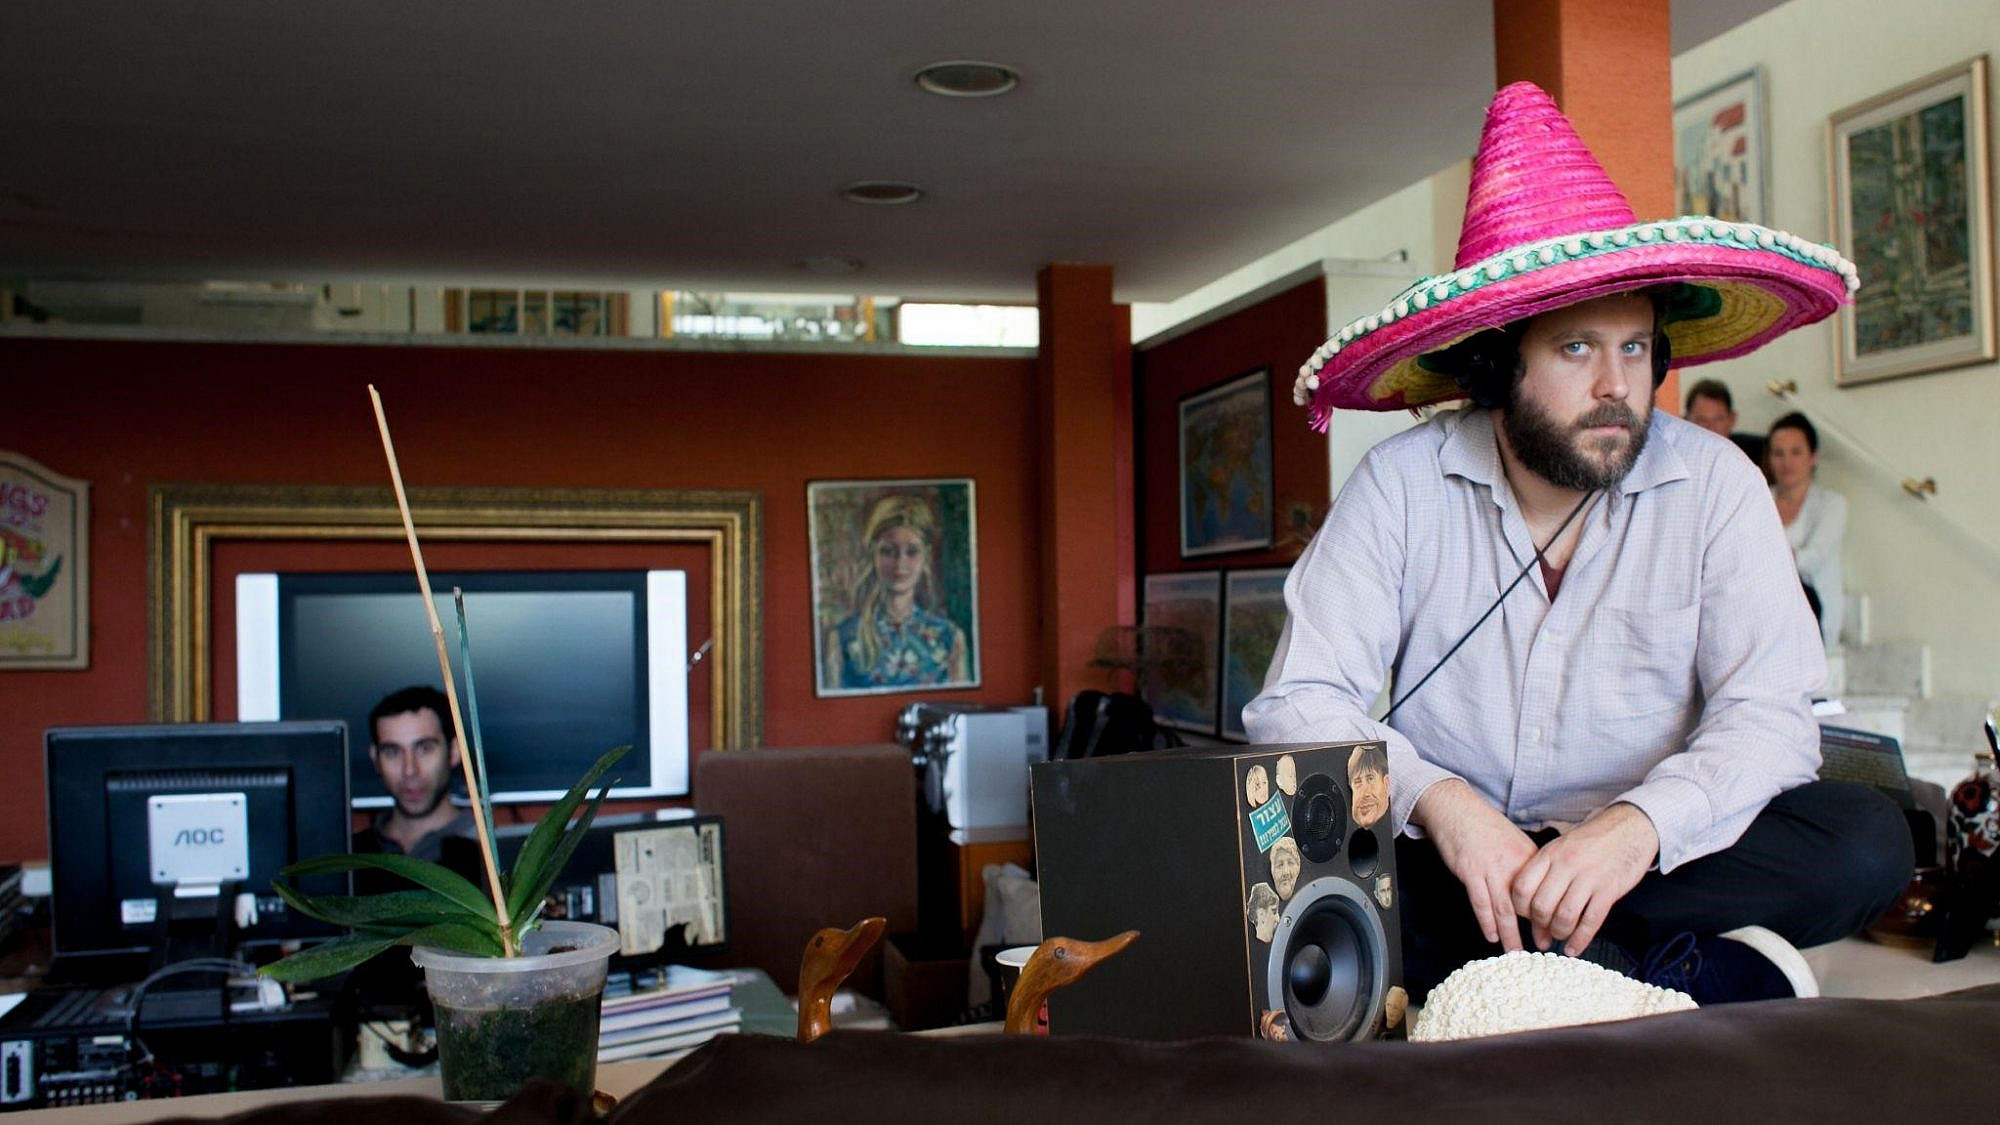 נועם בפאזה מקסיקנית קצרה במהלך ההקלטות של 'הורה הסלמה'